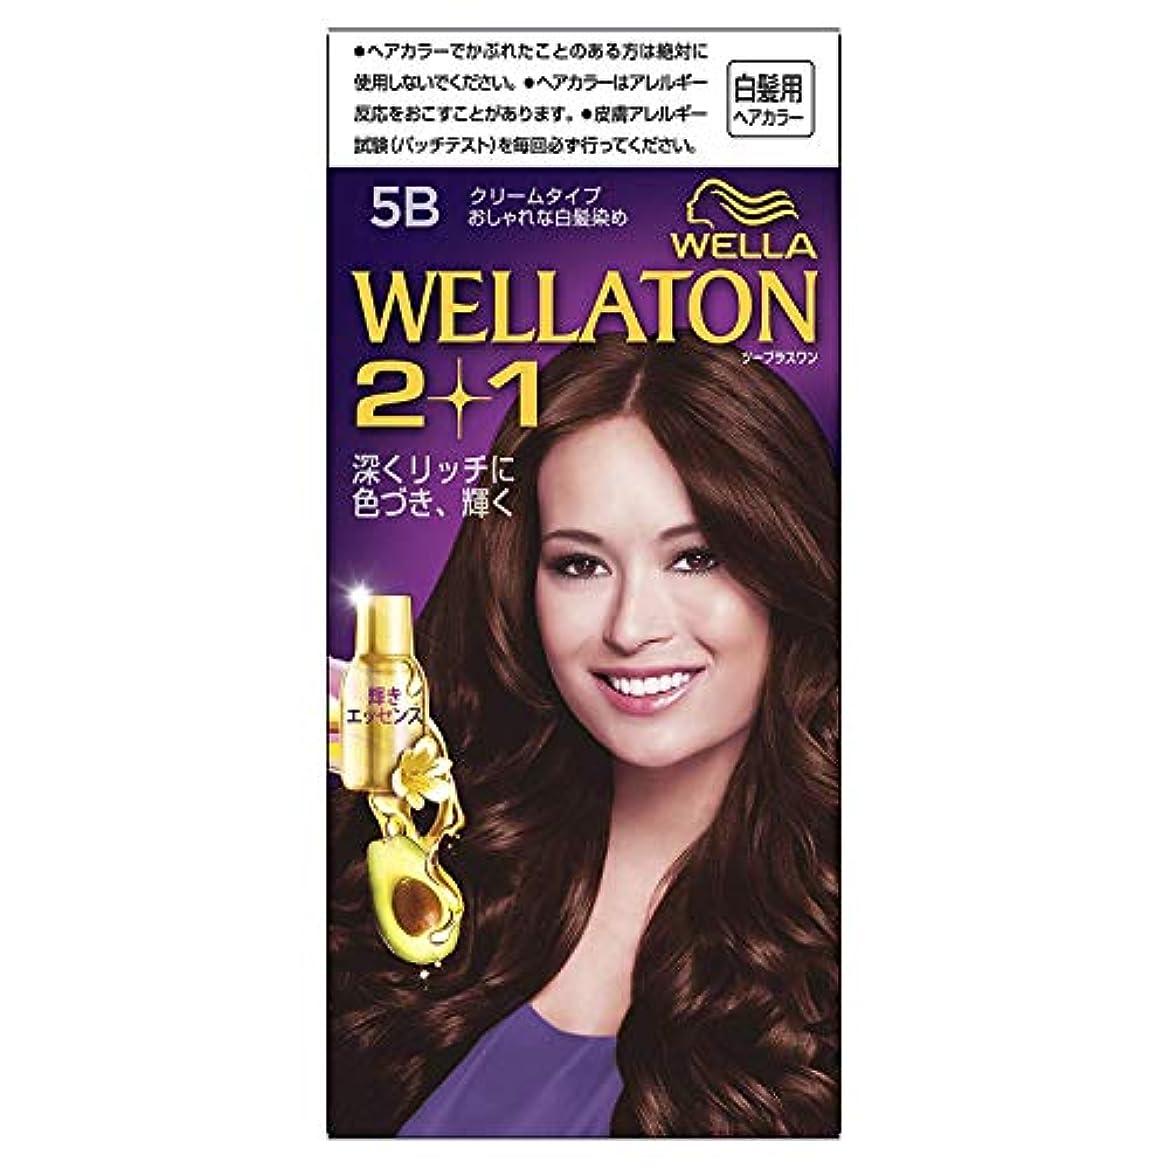 カップル相談煙突ウエラトーン2+1 白髪染め クリームタイプ 5B [医薬部外品]×6個